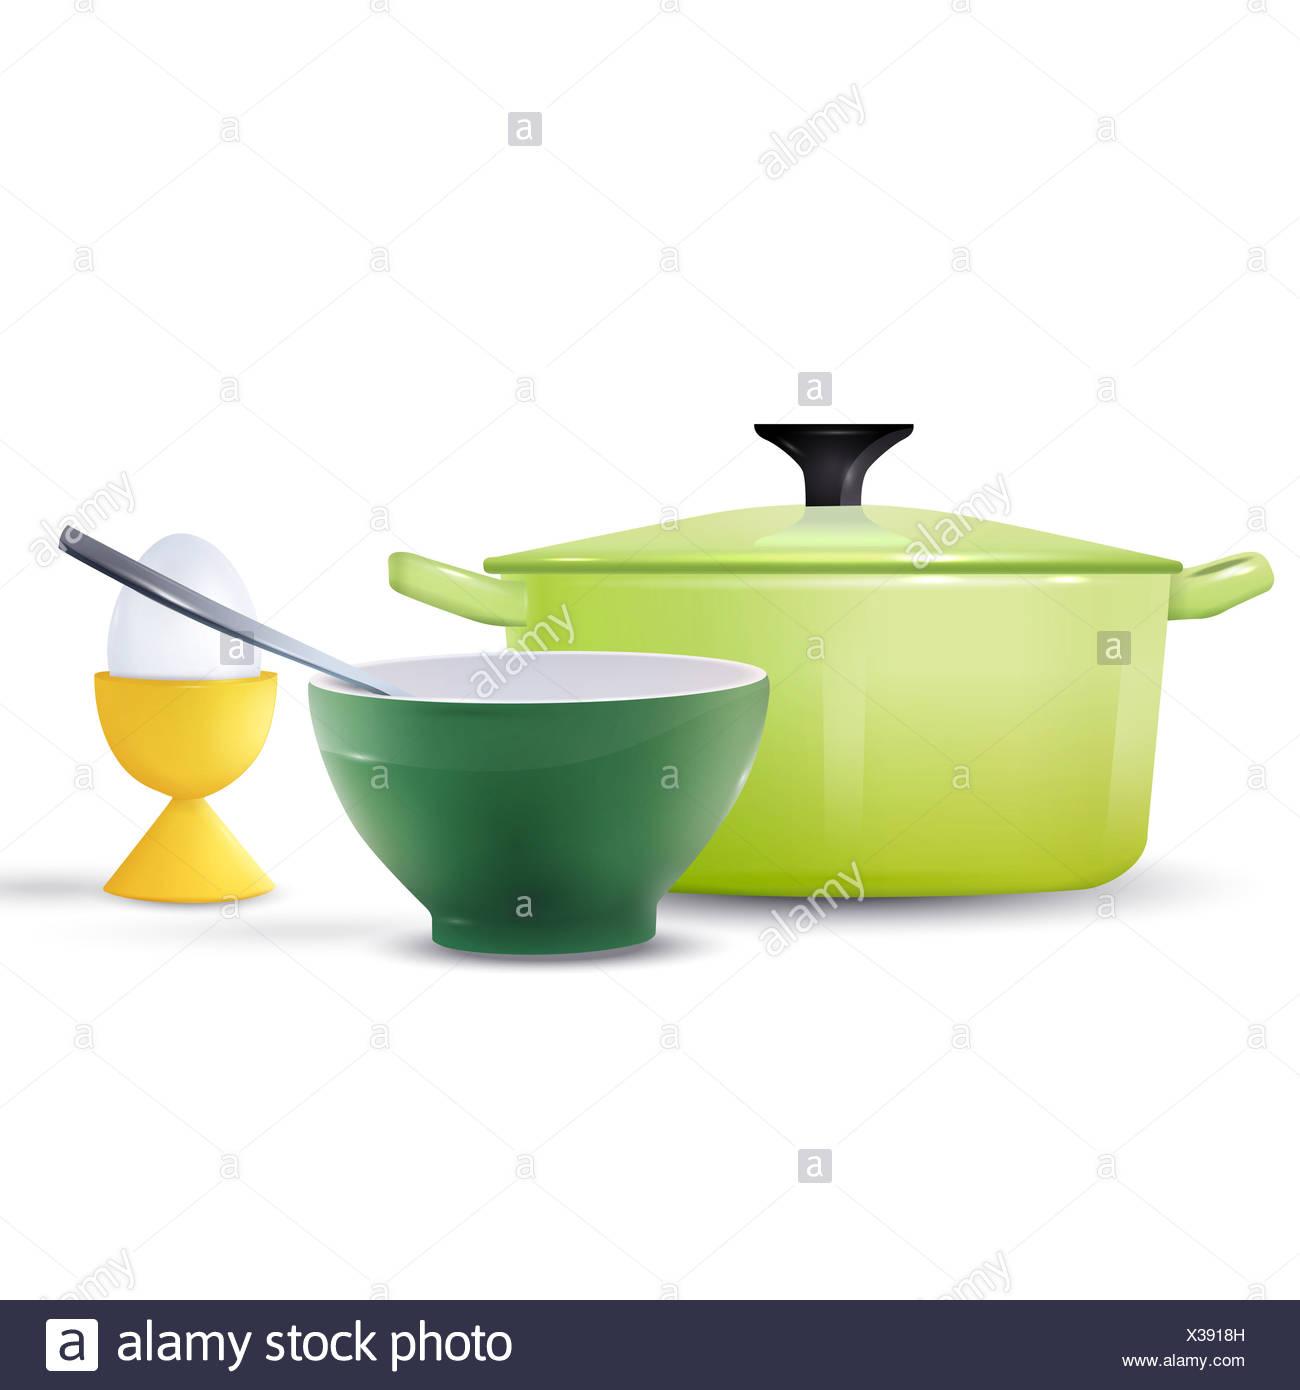 Kitchen Utensil And Egg With Egg Holder - Stock Image